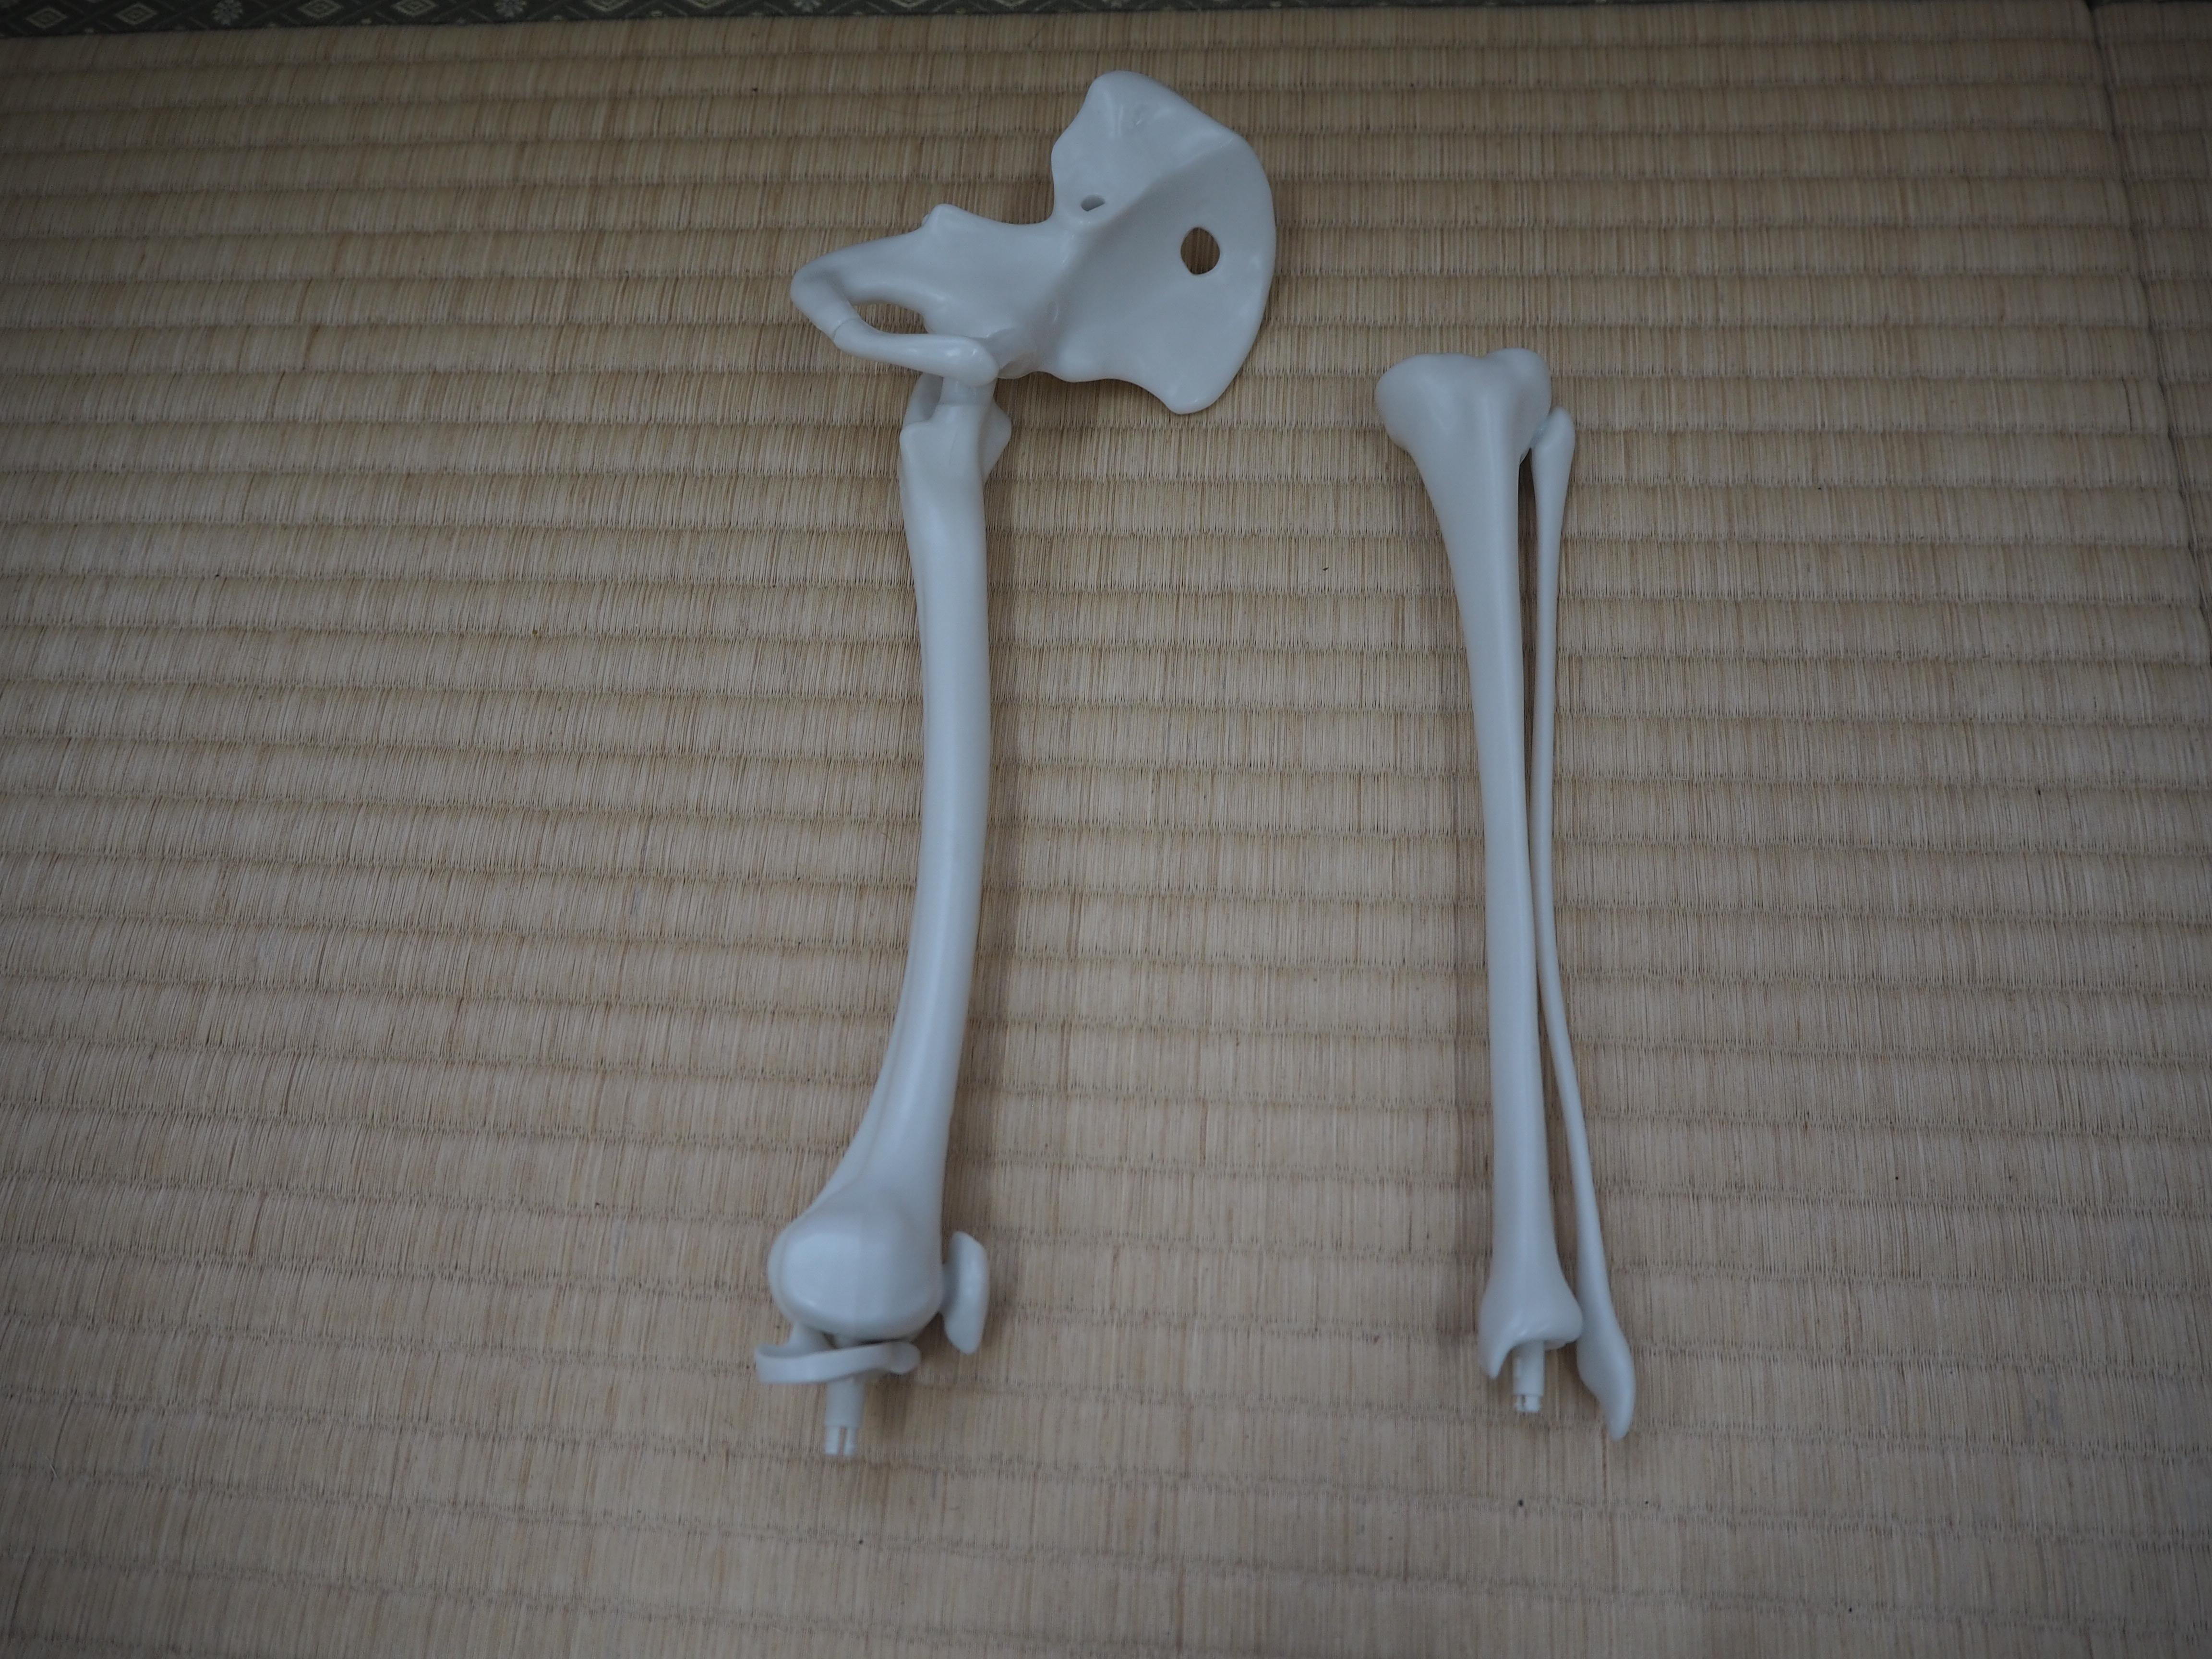 次に膝から下の骨(けい骨とひ骨)をつなぎ、さらに左のあしの骨(合体してひとつのパーツになっている)を足首の関節でつなぎます。